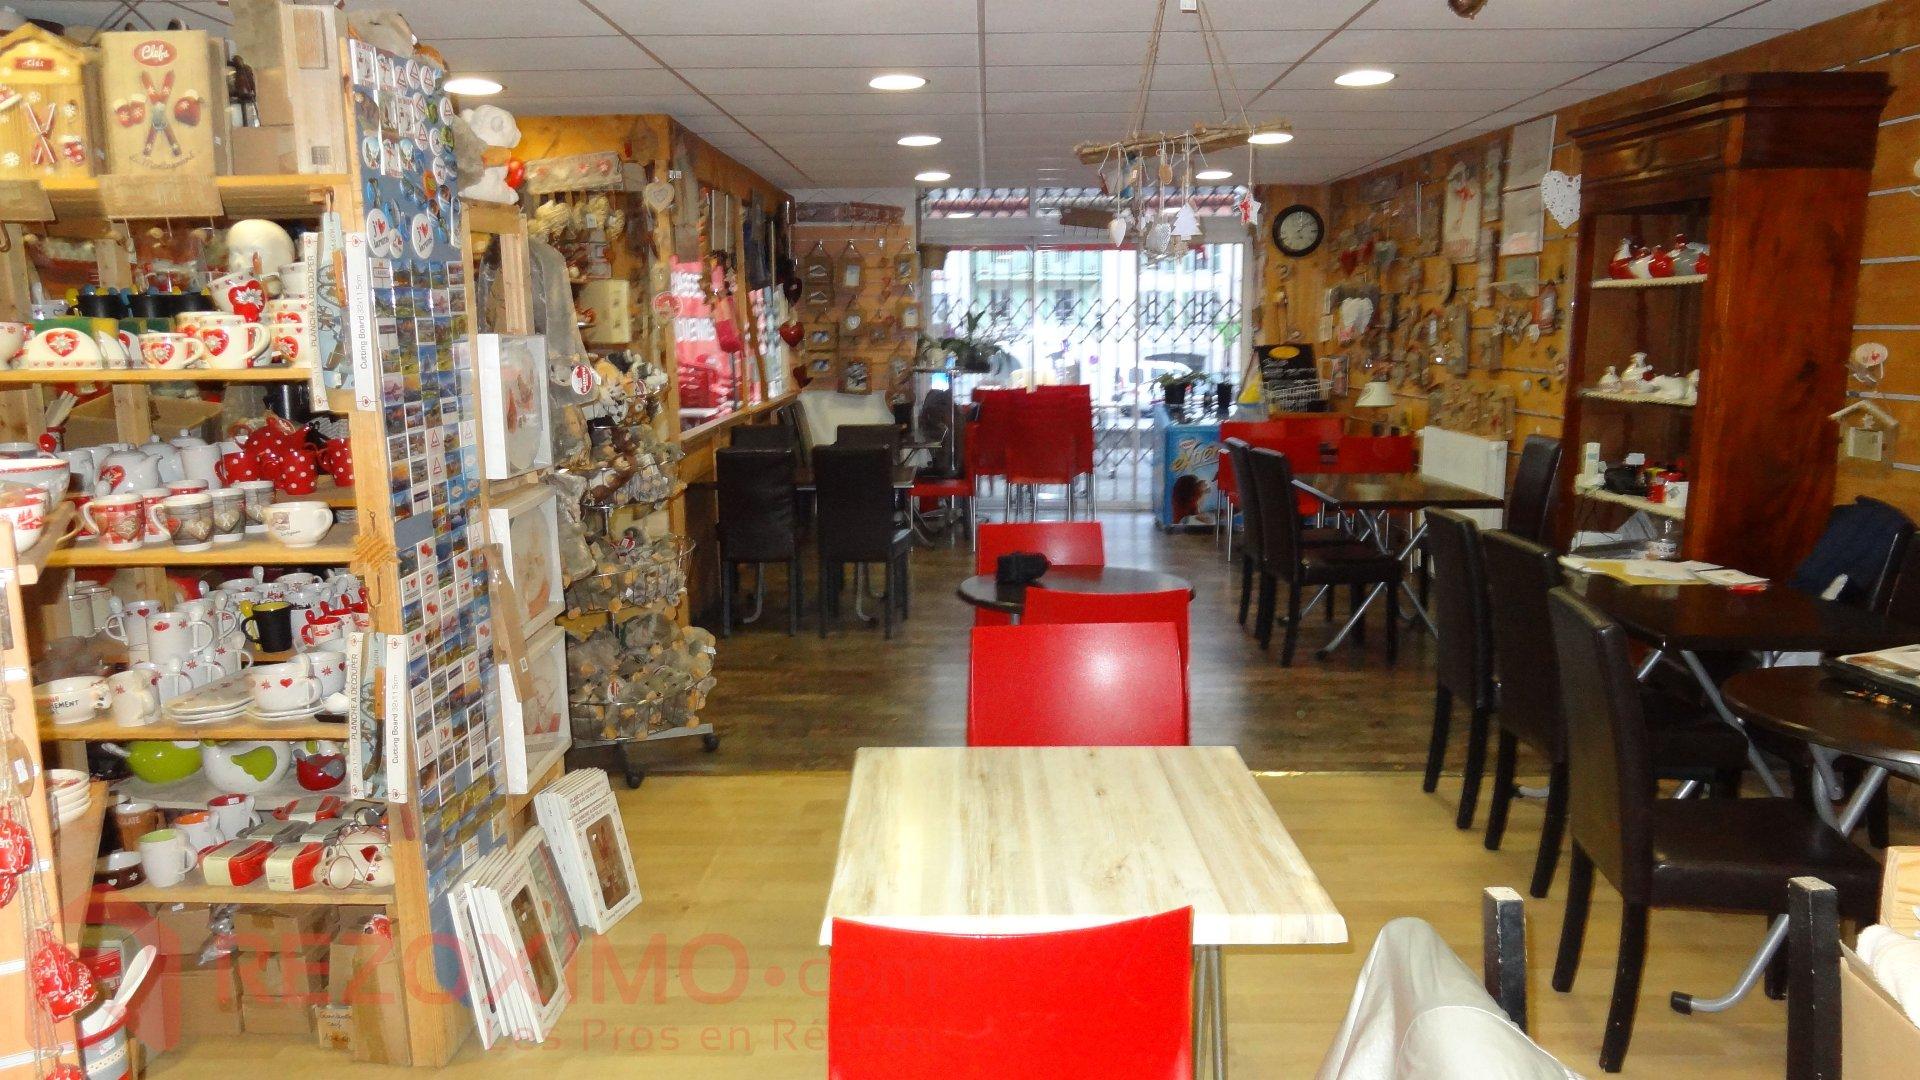 Salon de thé - Boulangerie Pâtisserie